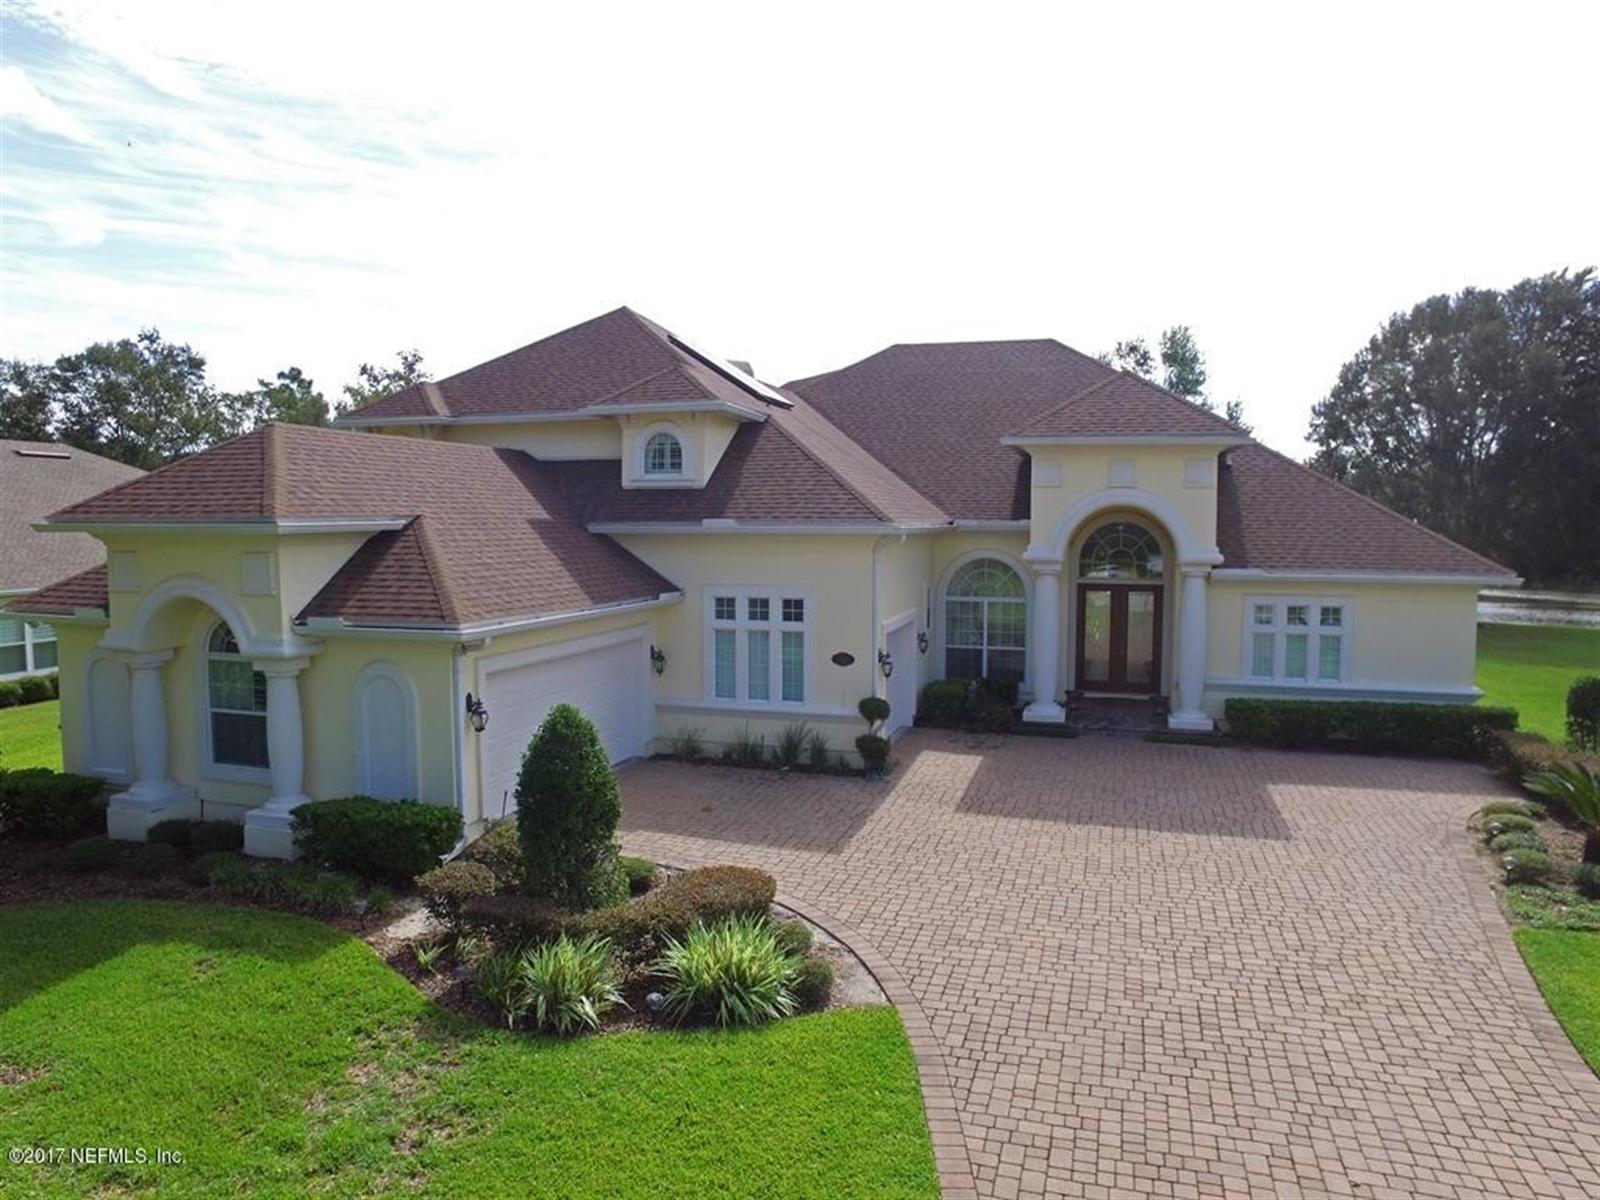 Real Estate Photography - 560 E Kesley Ln, Saint Johns, FL, 32259 -